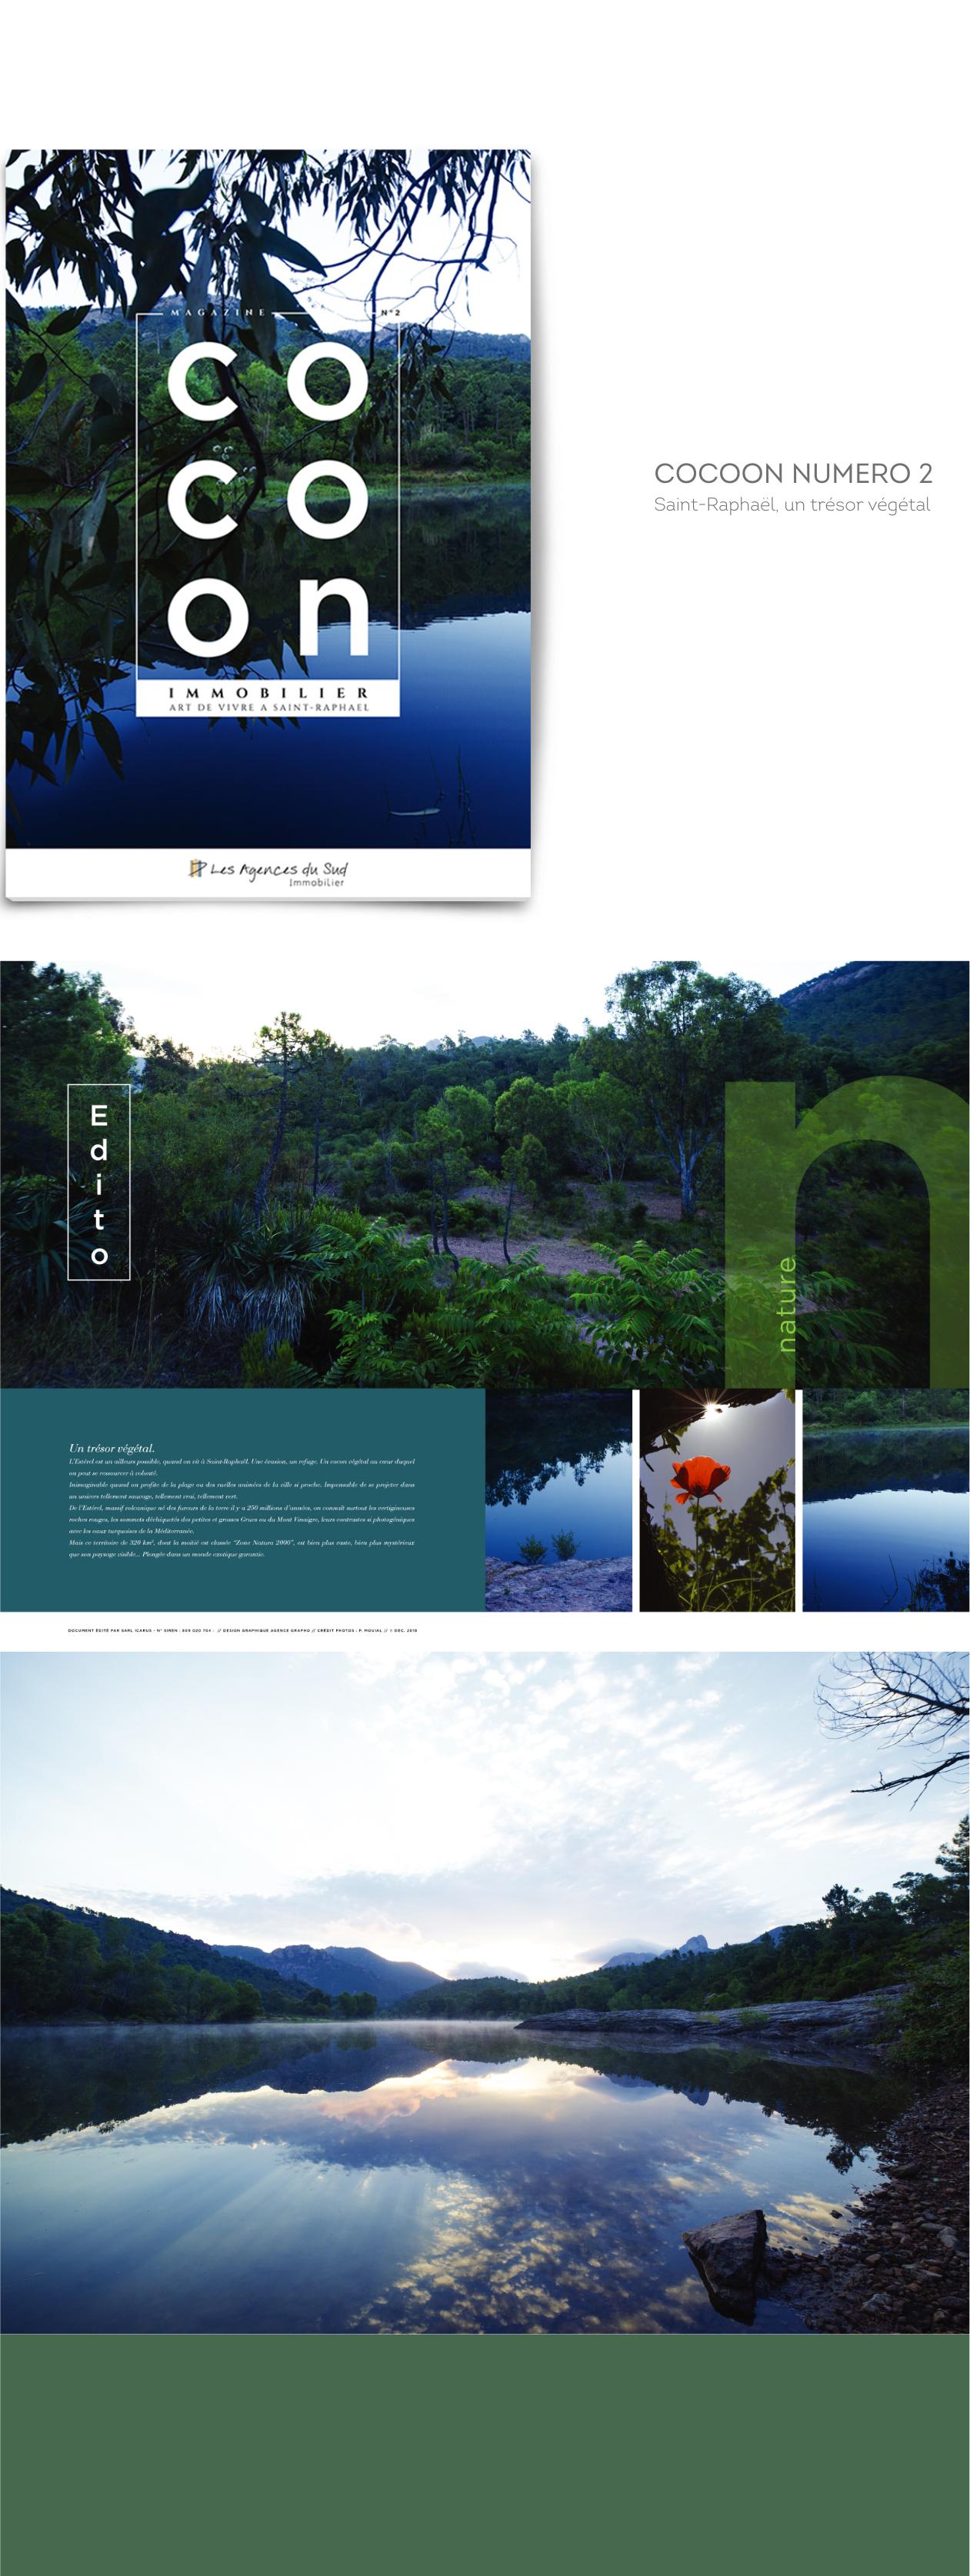 cOCOON-MagazineN2-4-ok